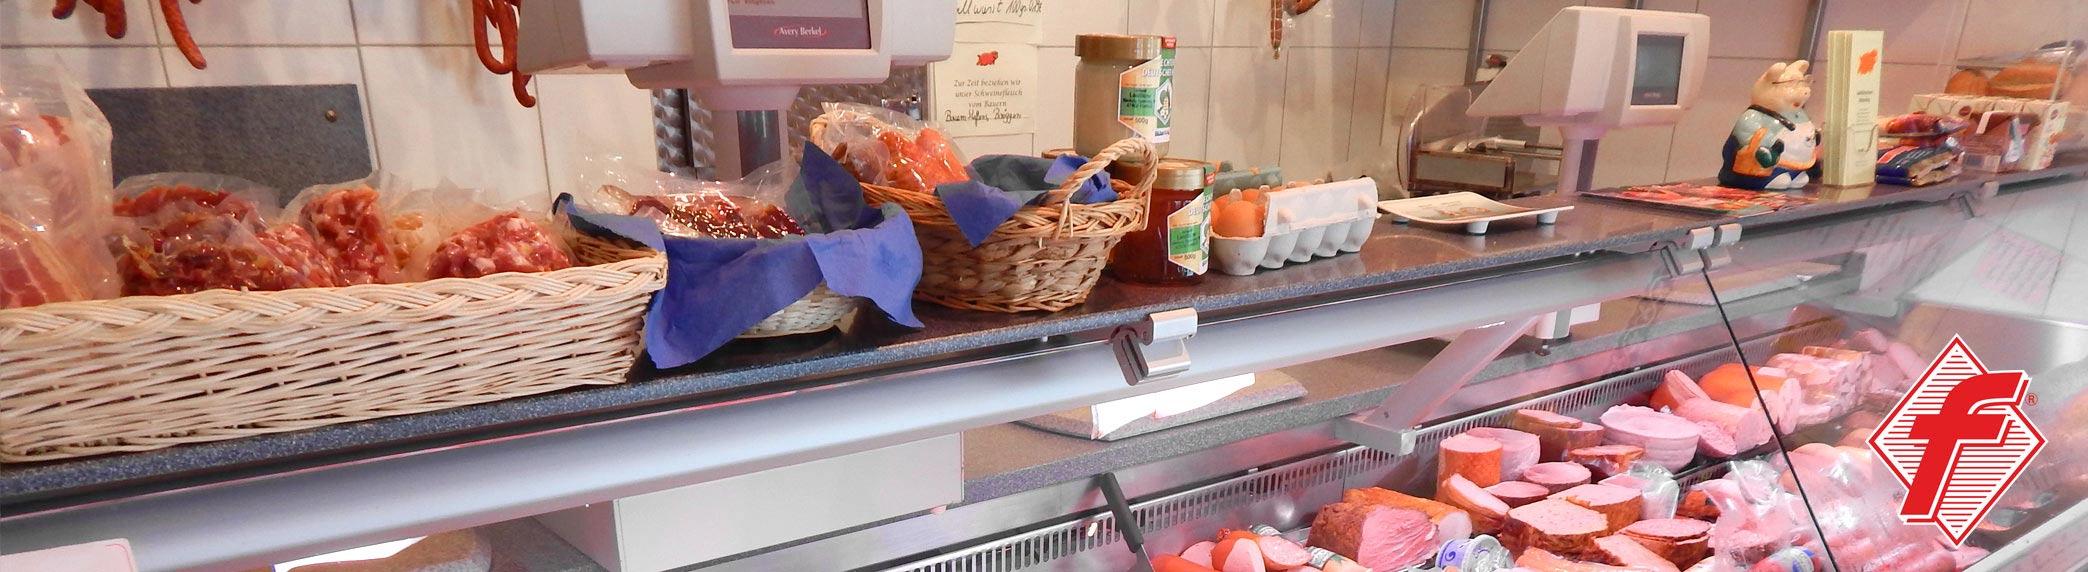 Landfleischerei Hinterding in Krefeld am Niederrhein - in unserem Ladenlokal bringen wir Ihnen täglich die Frische vom Land